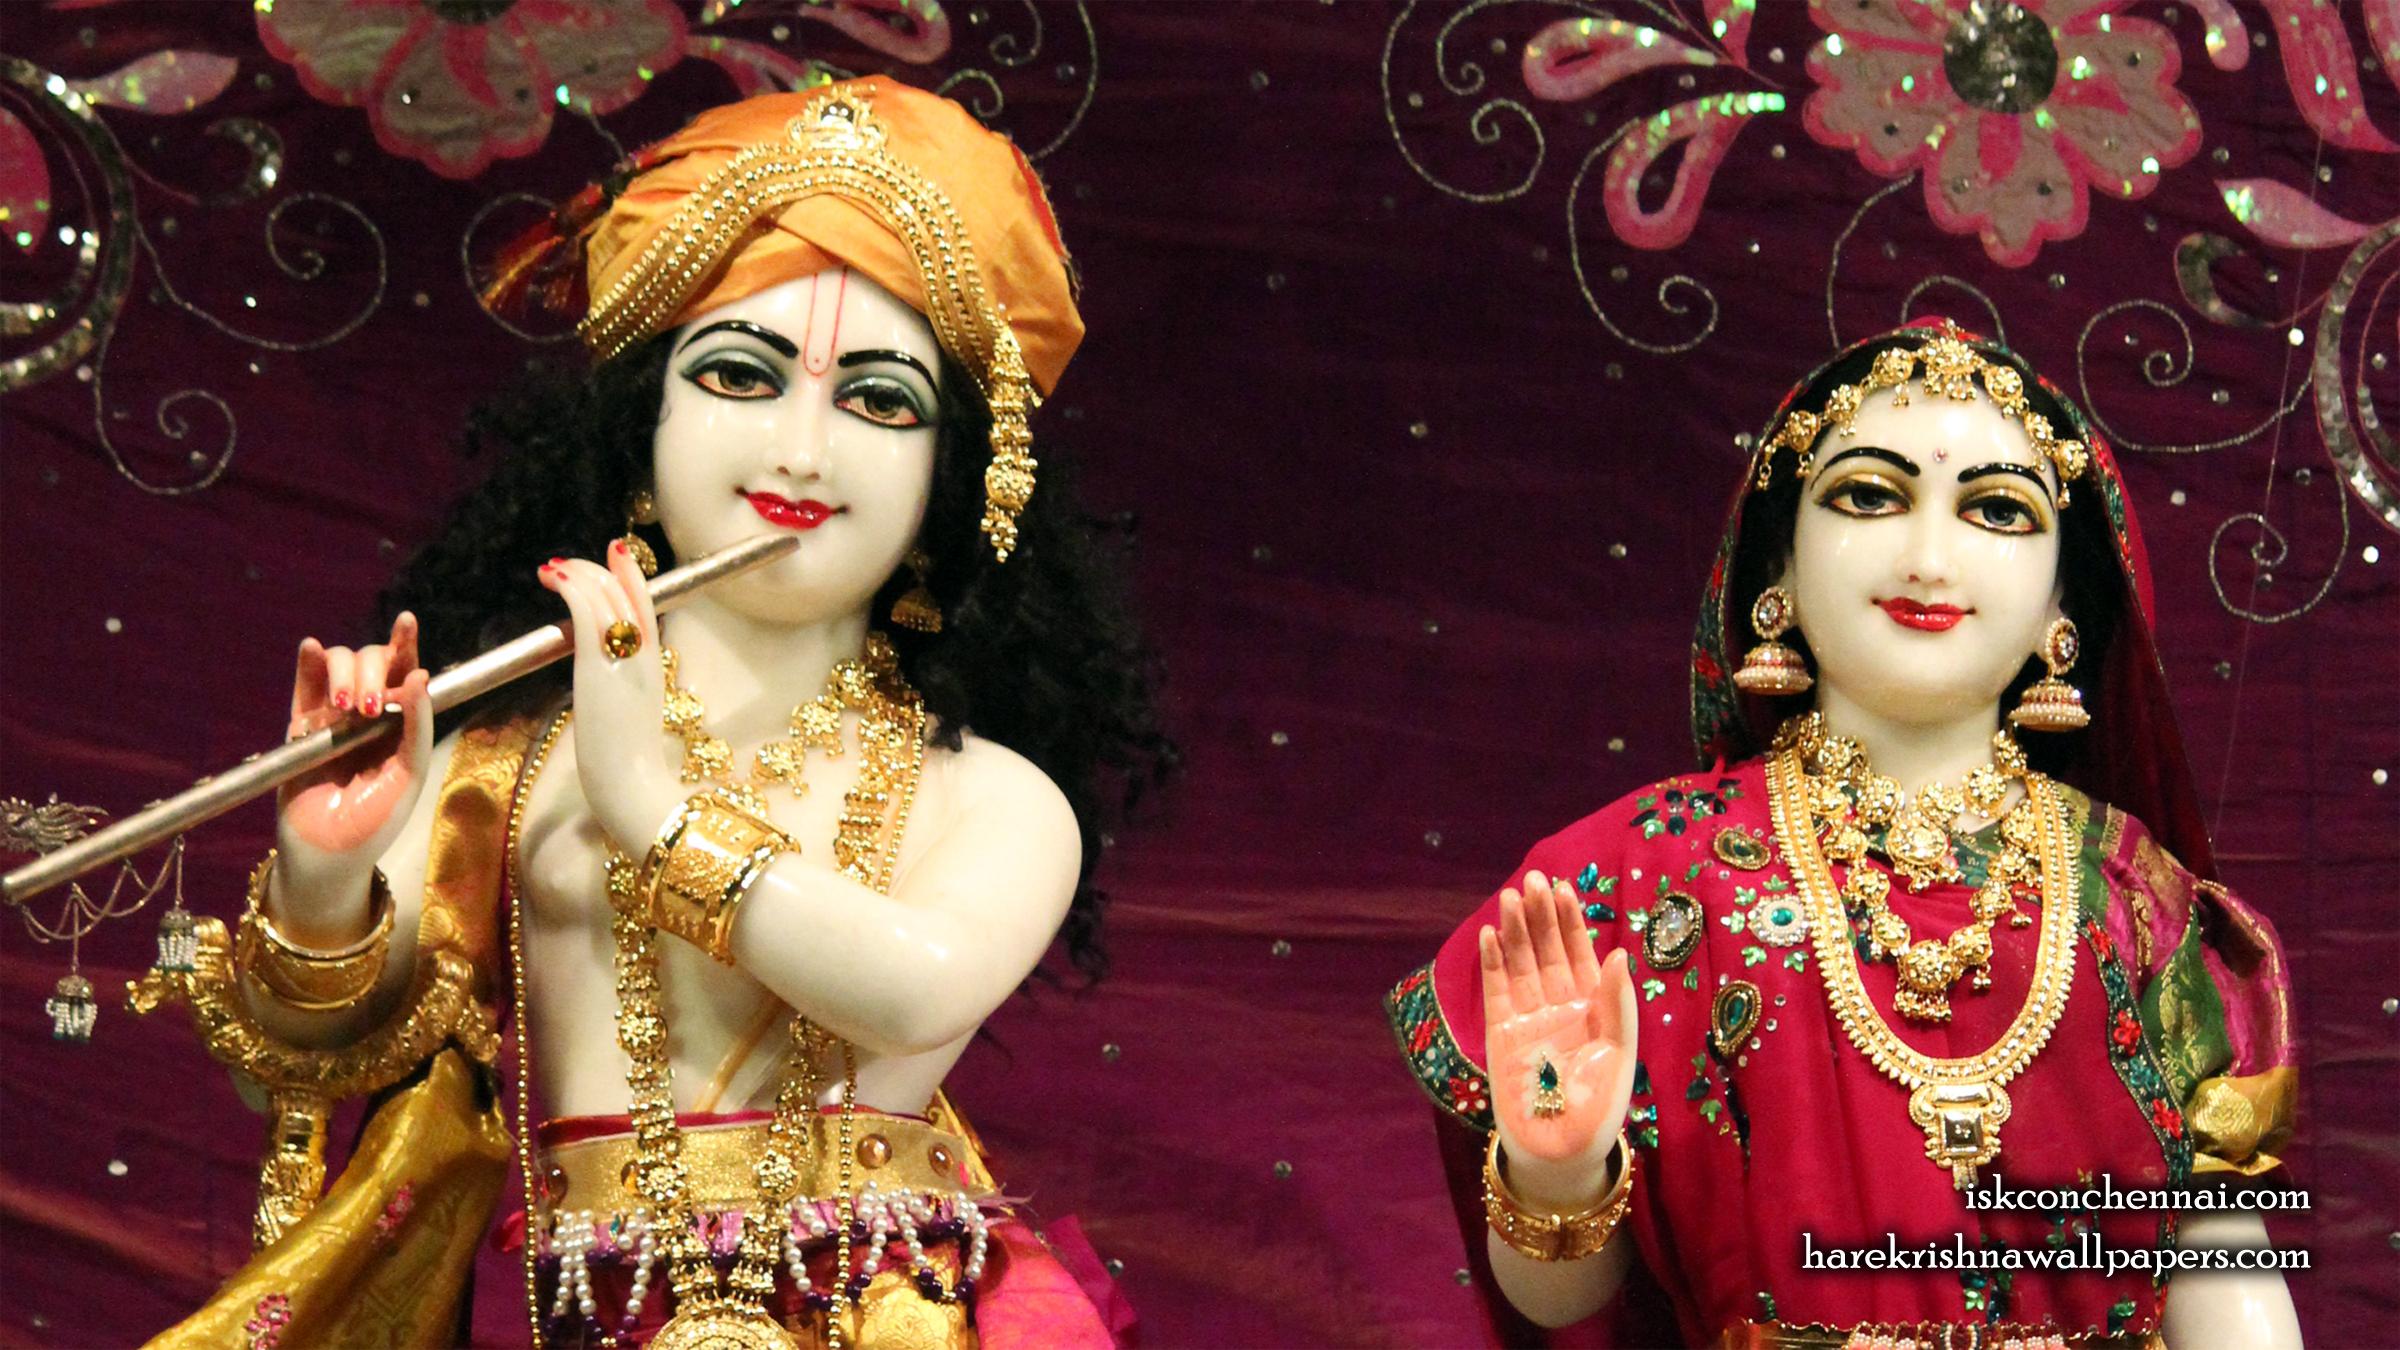 Sri Sri Radha Krishna Close up Wallpaper (007) Size 2400x1350 Download